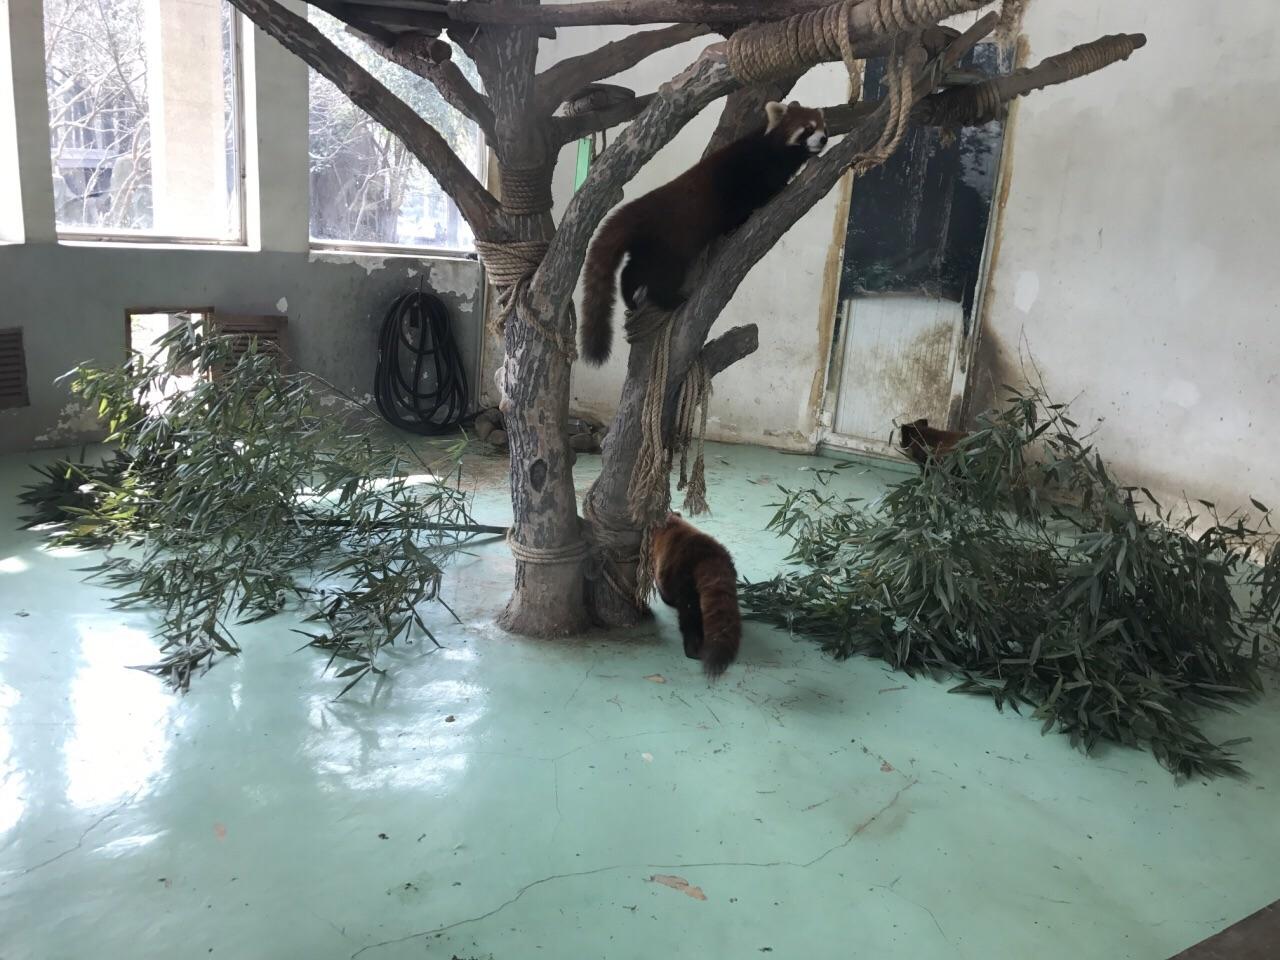 个人觉得去这里还是非常划算的,也确实非常非常的超值。里面除了今天没有看到熊猫之外,别的都看到了。因为熊猫馆在扩建新的熊猫馆,所以熊猫我以为好像是暂时性回四川了。但是小浣熊也好,有熊猫也好,所有的动物正如所有网友说的真的是全部看到。就是。动物园门口停车的停车场位置太少。没办法停在路边被贴了一张罚单。所以友友去的话一定要把车停在停车场里面,无论多远,千万不要停在路边。 也希望以后有机会再继续去!门口的玩偶可以免费拍照,对小朋友特别友善。另外,今天非常幸运碰到了两位汉装美女!